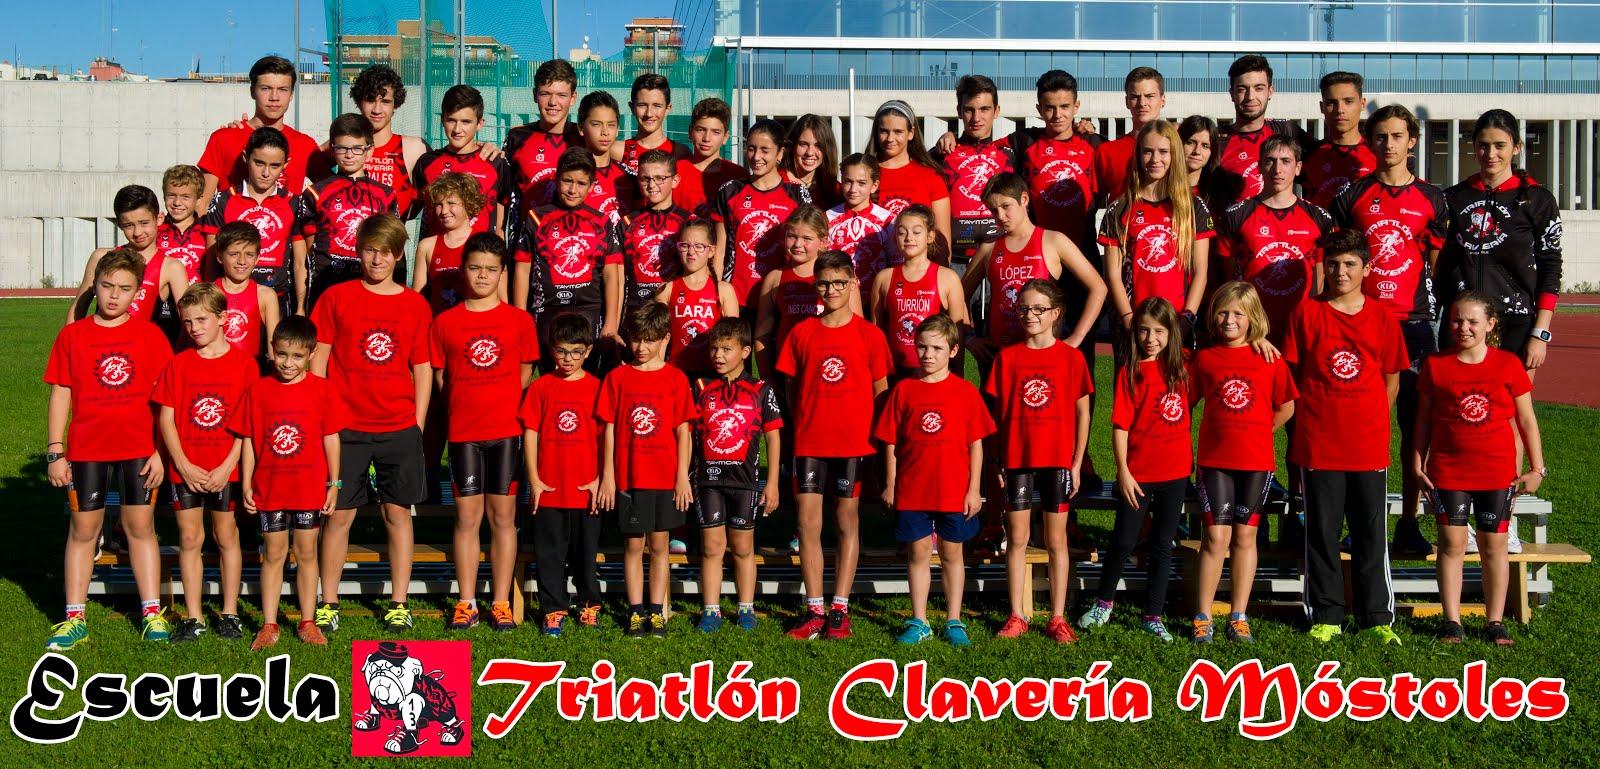 Escuela triatlón Clavería